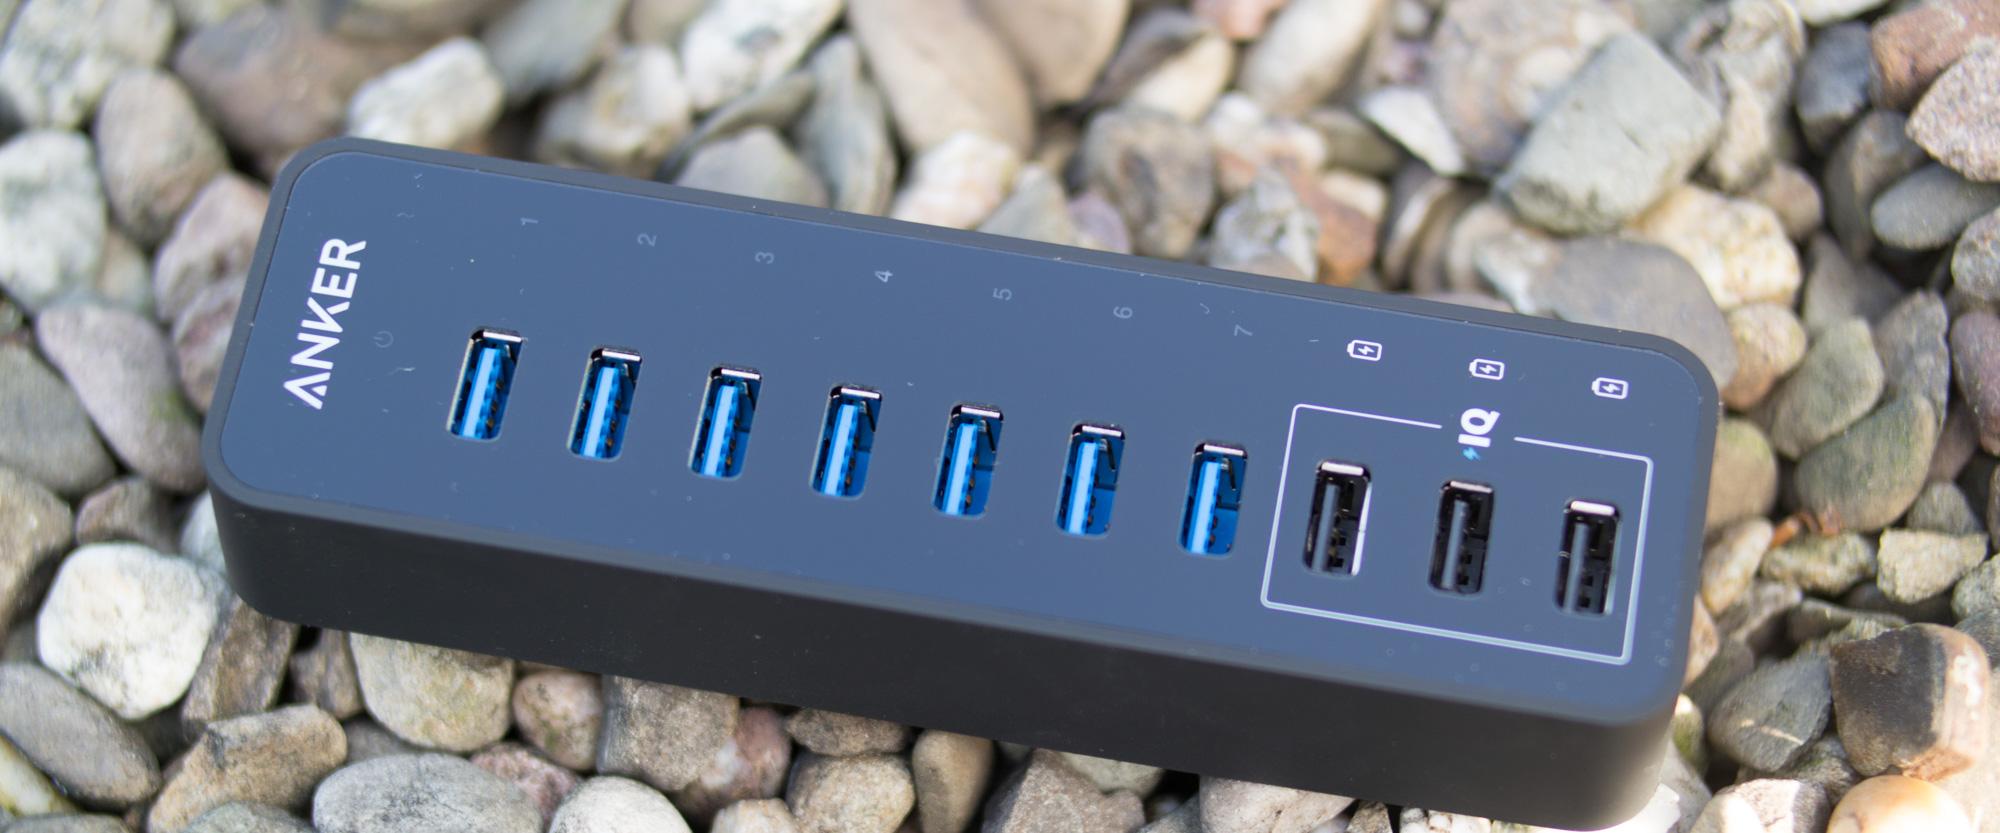 Anker 60W 7-Port USB 3.0 Datenhub